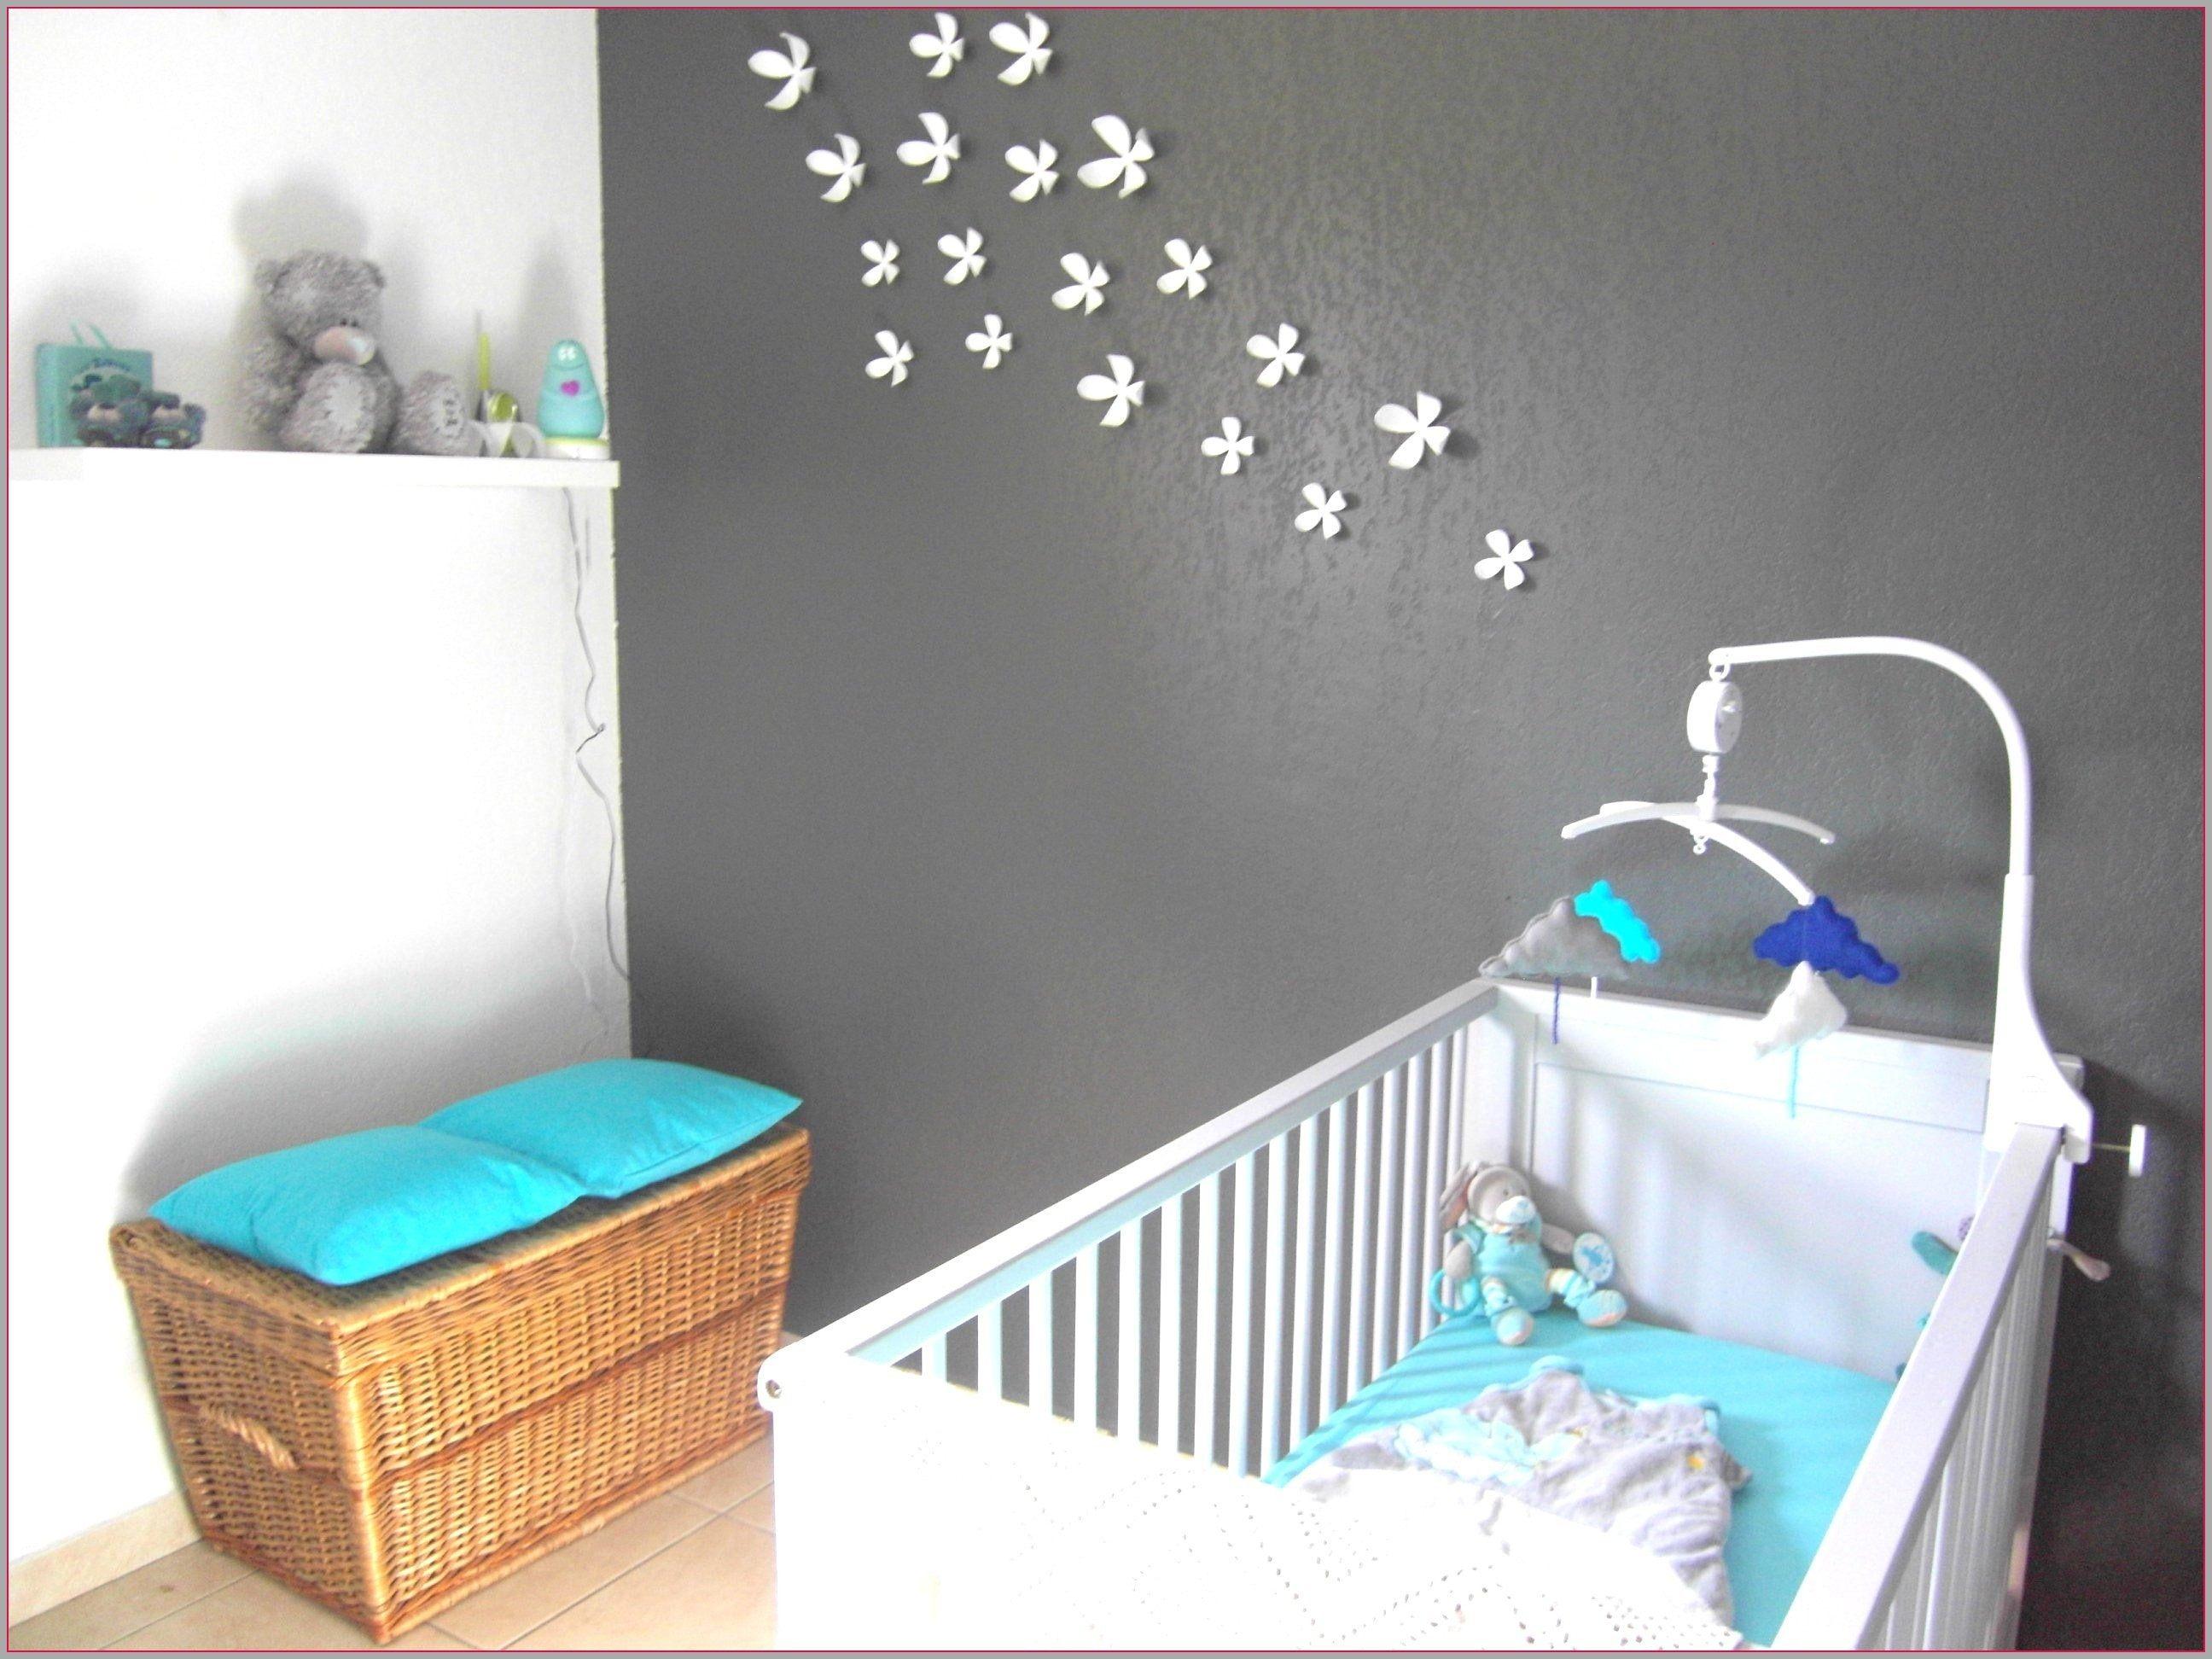 Lit Pliable Bébé Bel Exquis Chaise Bébé Pliante  Chambre Bébé Mickey Chaise Haute Bébé